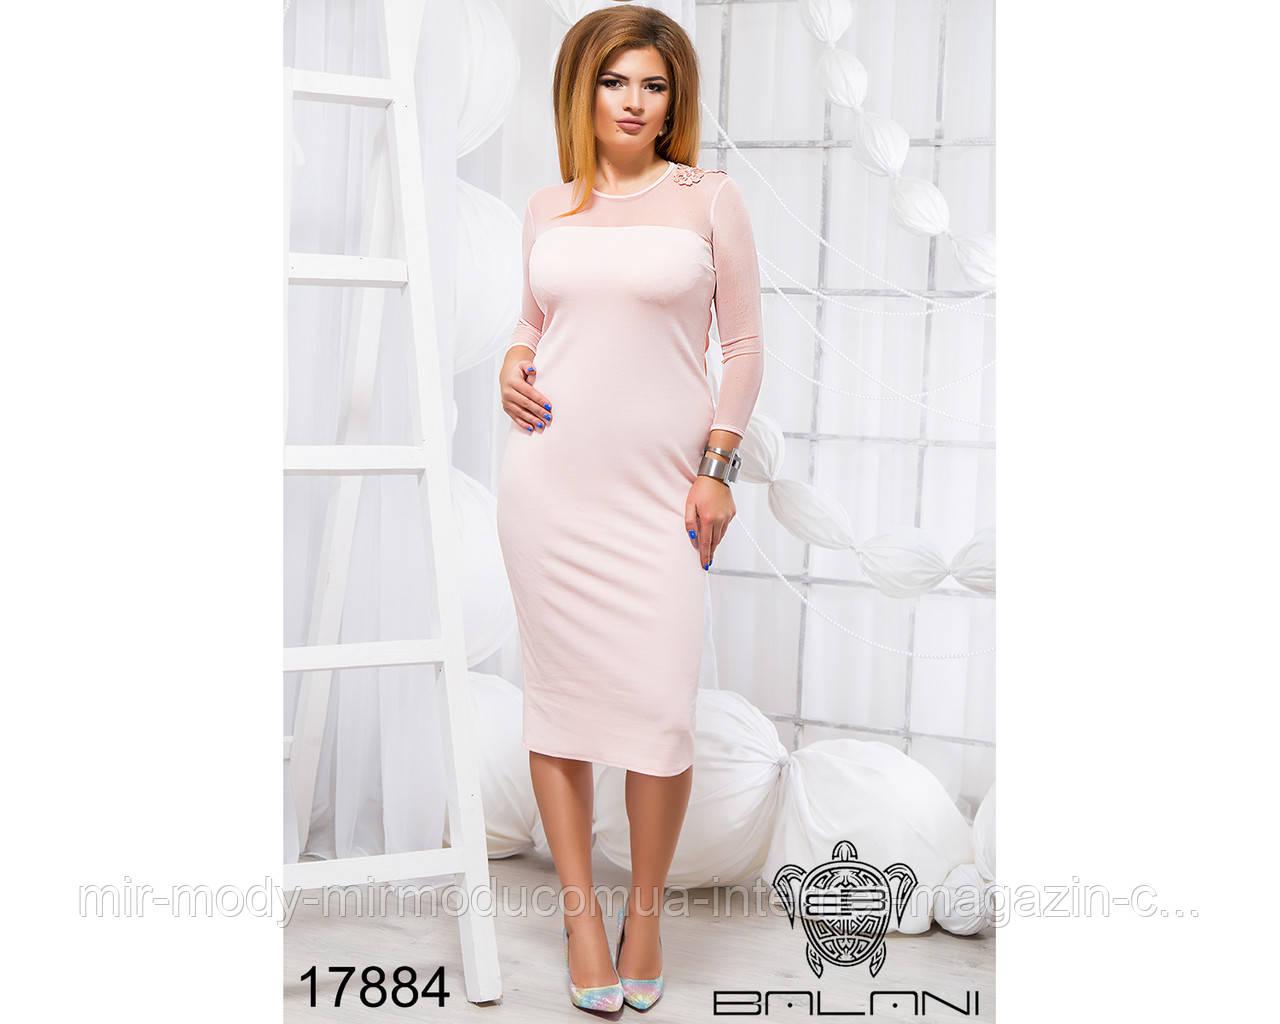 Элегантное платье - 17884 (б-ни)